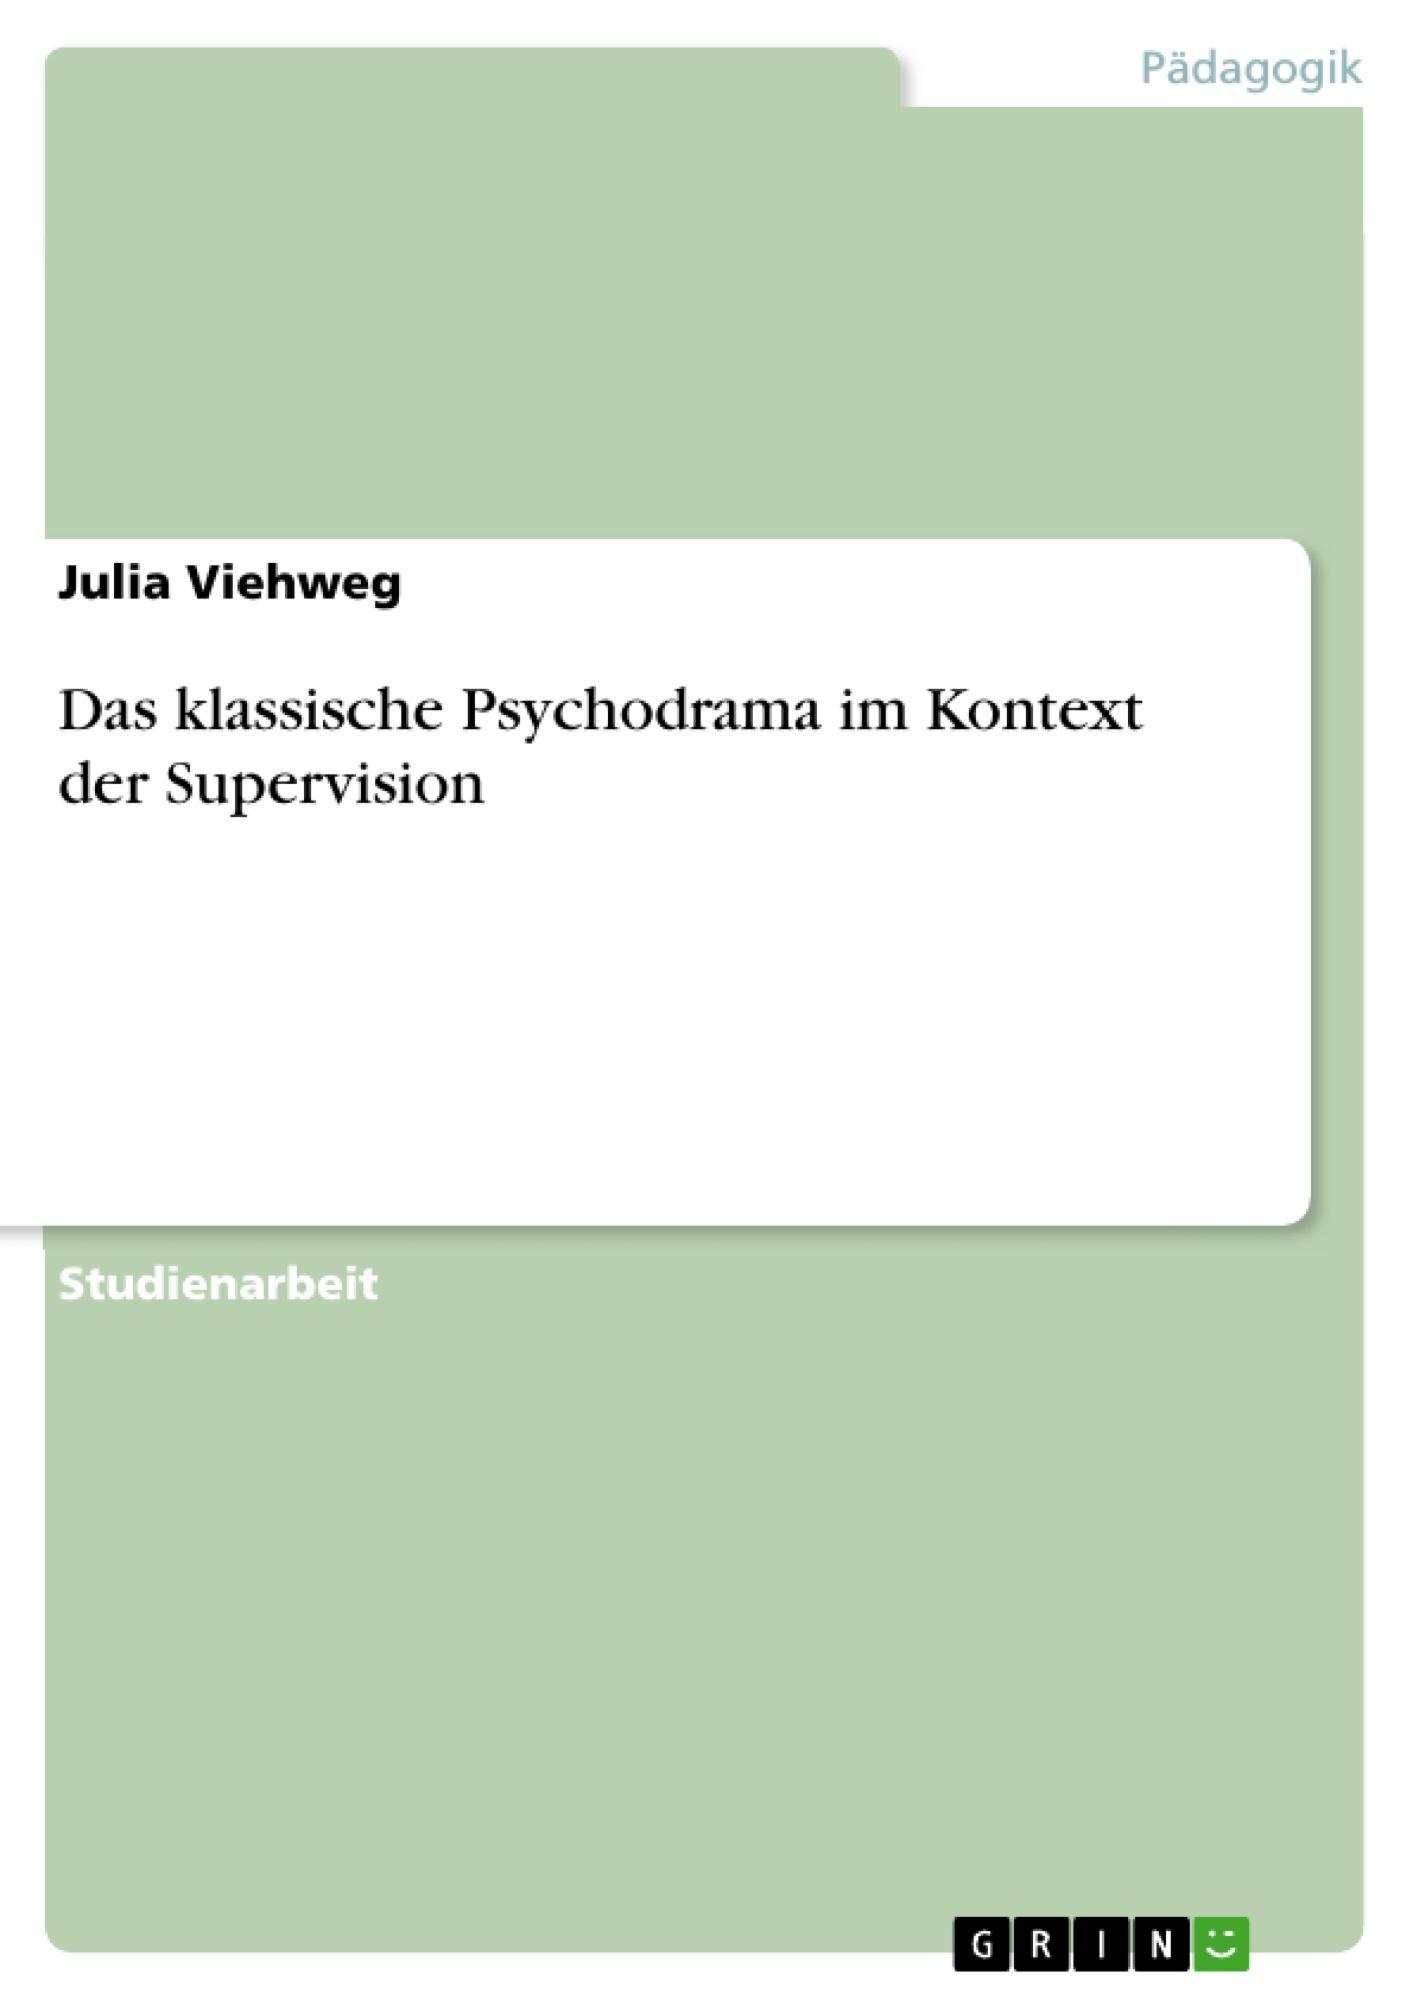 Titel: Das klassische Psychodrama im Kontext der Supervision